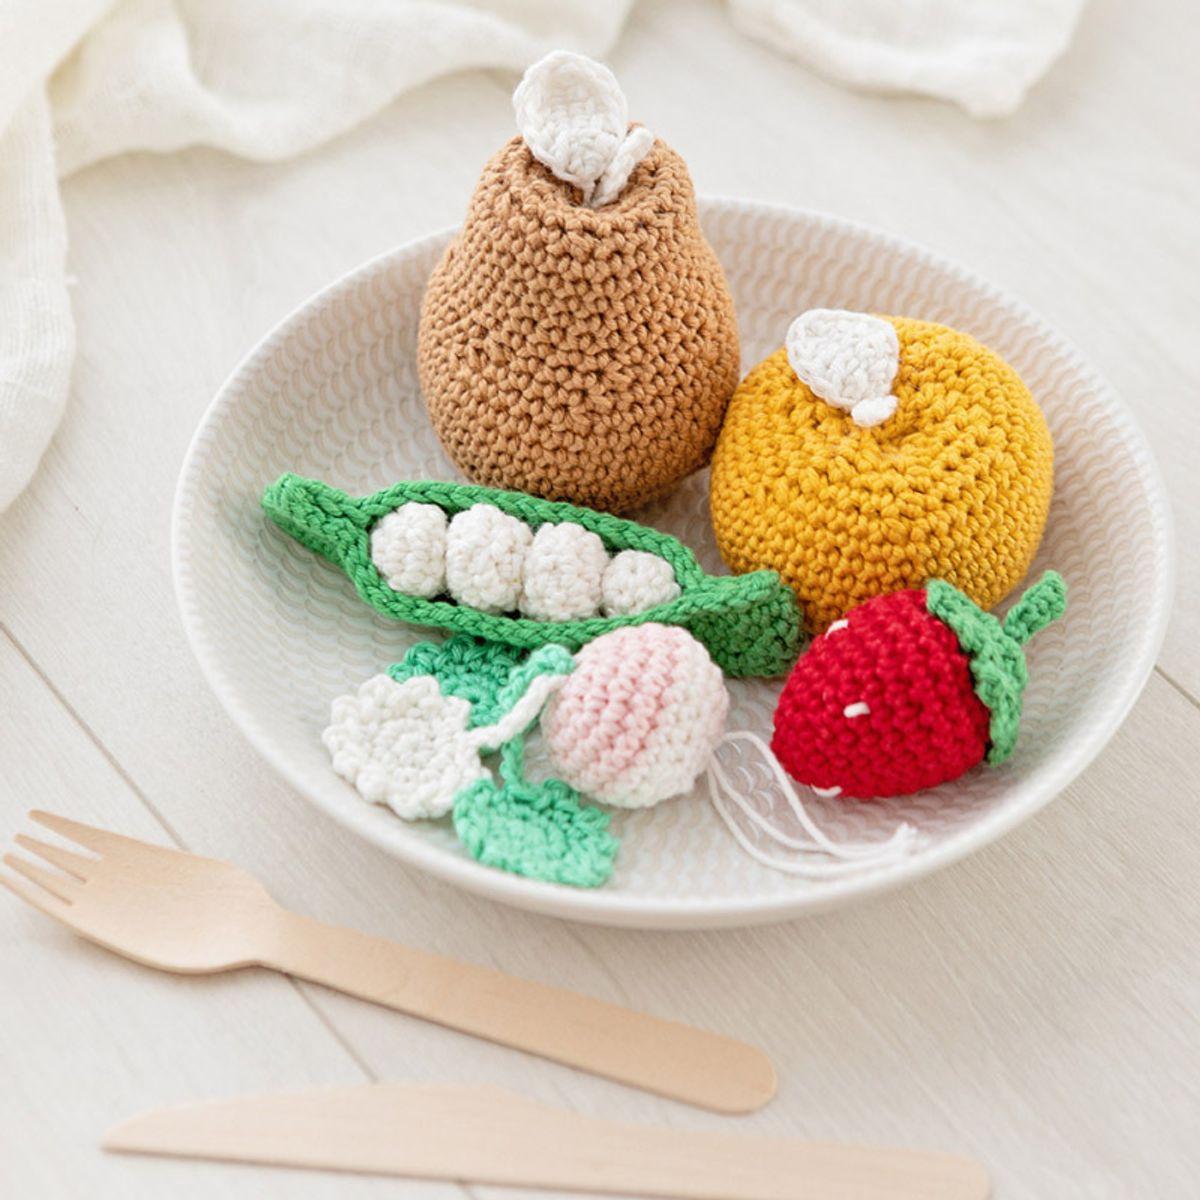 Kit panier bio en crochet - 5 fruits et légumes par jour